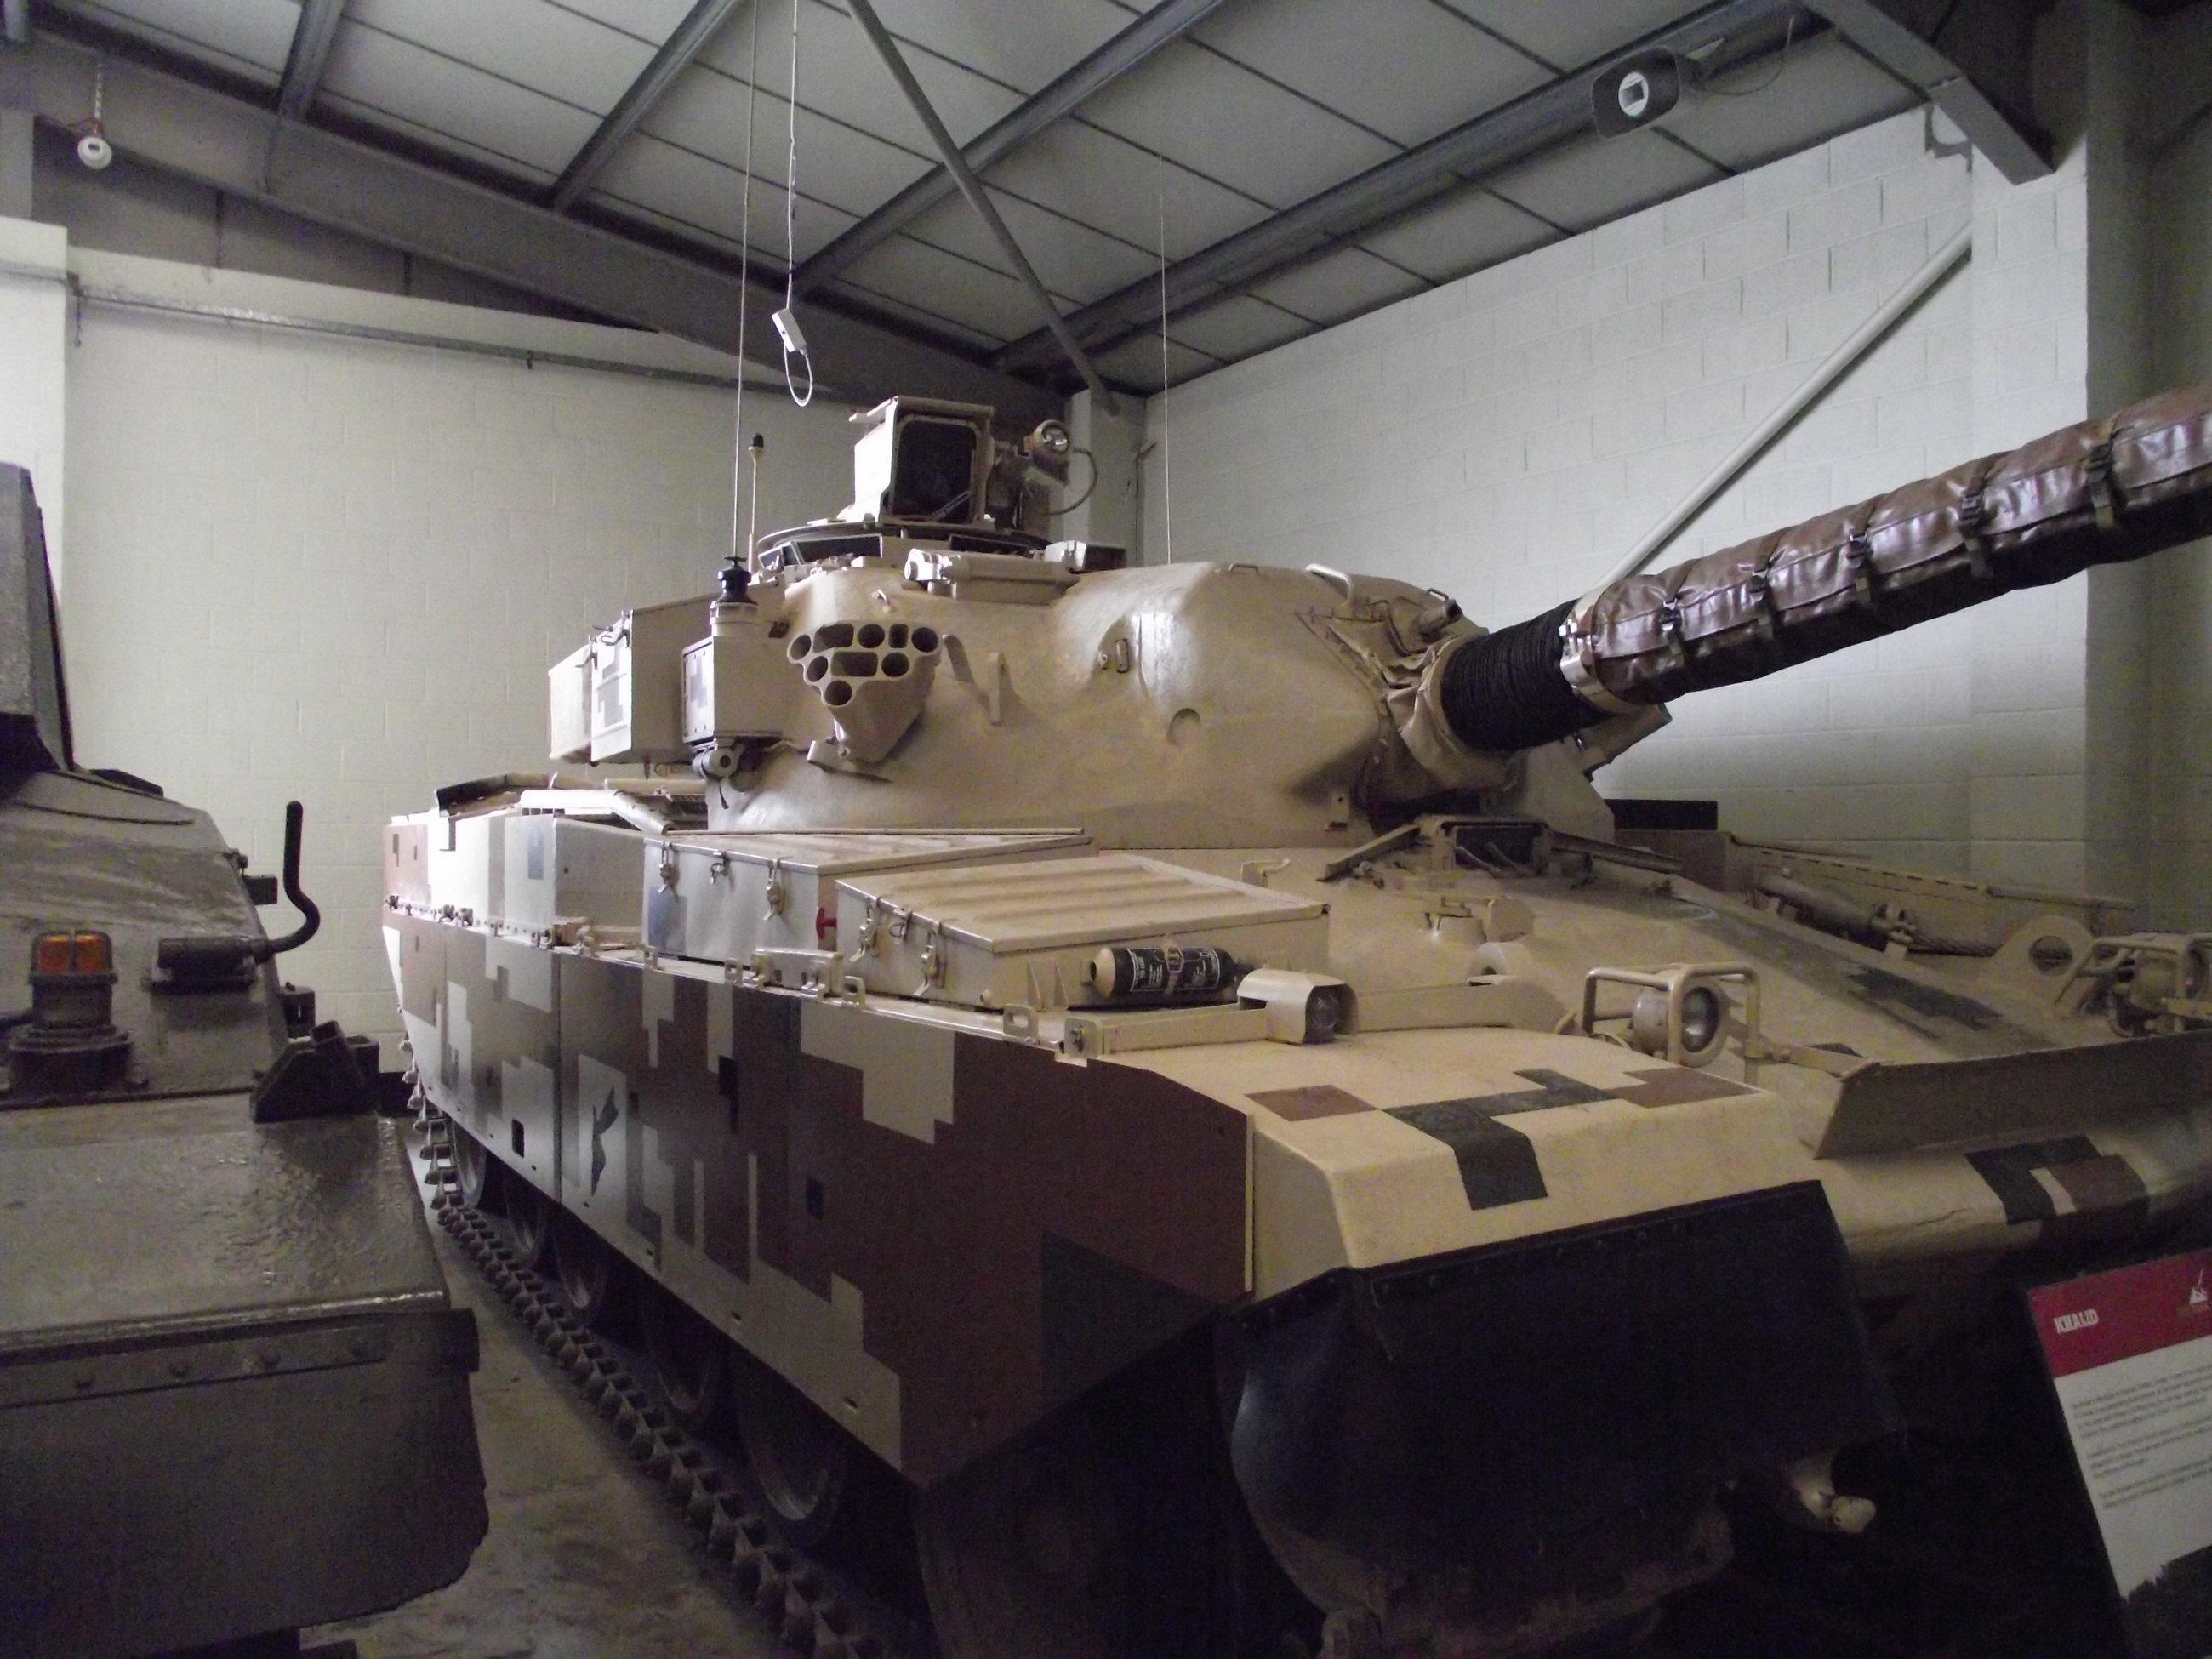 Tank_Museum_20180919_503.jpg